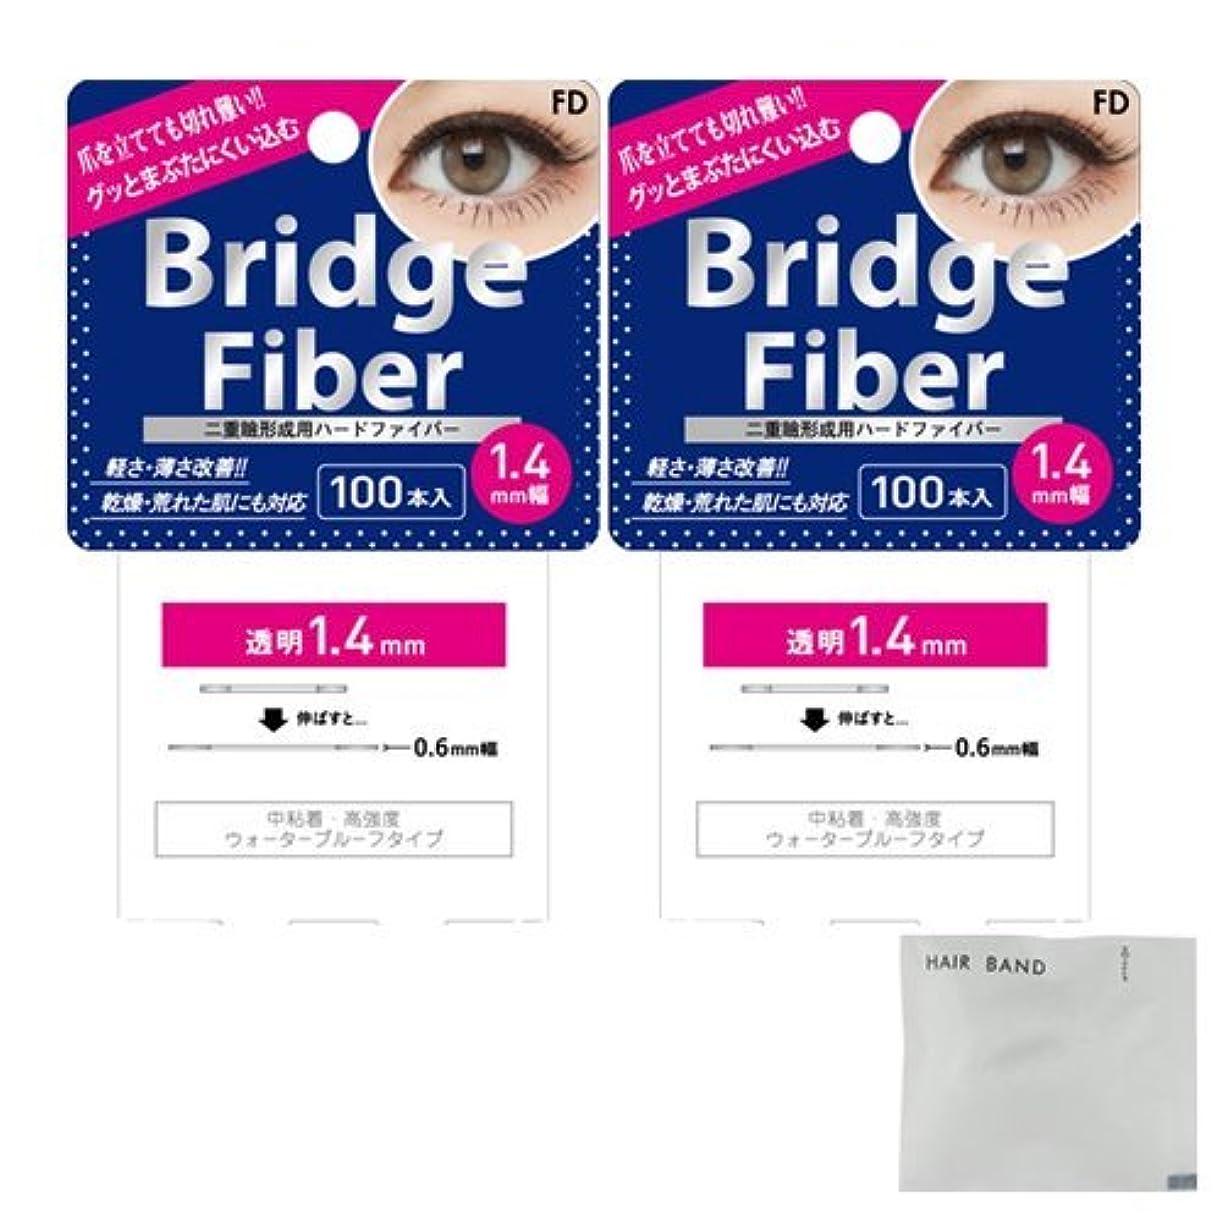 ポゴスティックジャンプ未来堂々たるFD ブリッジファイバーⅡ (Bridge Fiber) クリア1.4mm×2個 + ヘアゴム(カラーはおまかせ)セット